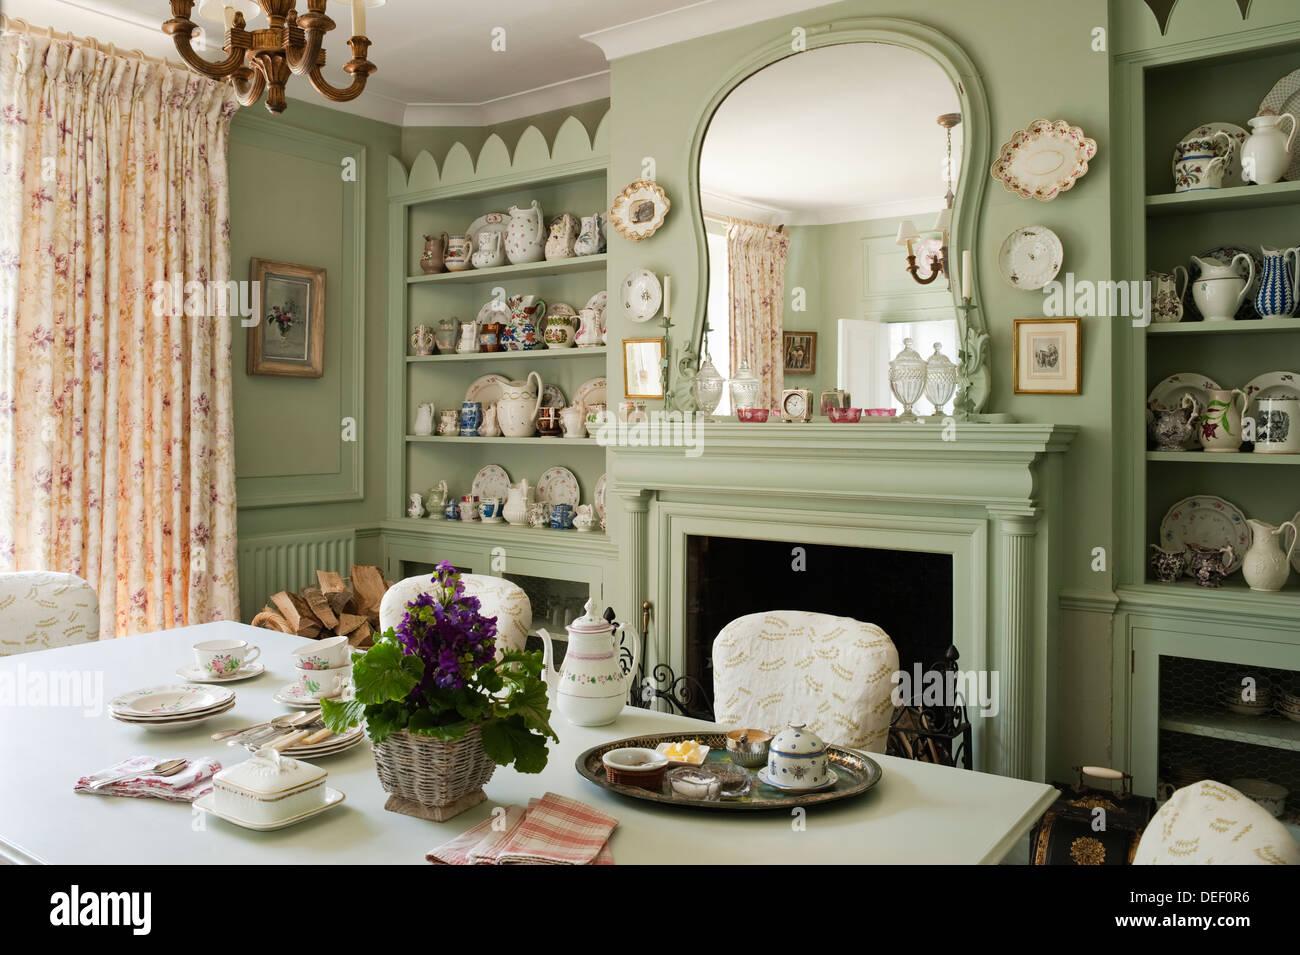 Casa comedor con pottert colección en estantería empotrada pintados en color verde pastel Imagen De Stock